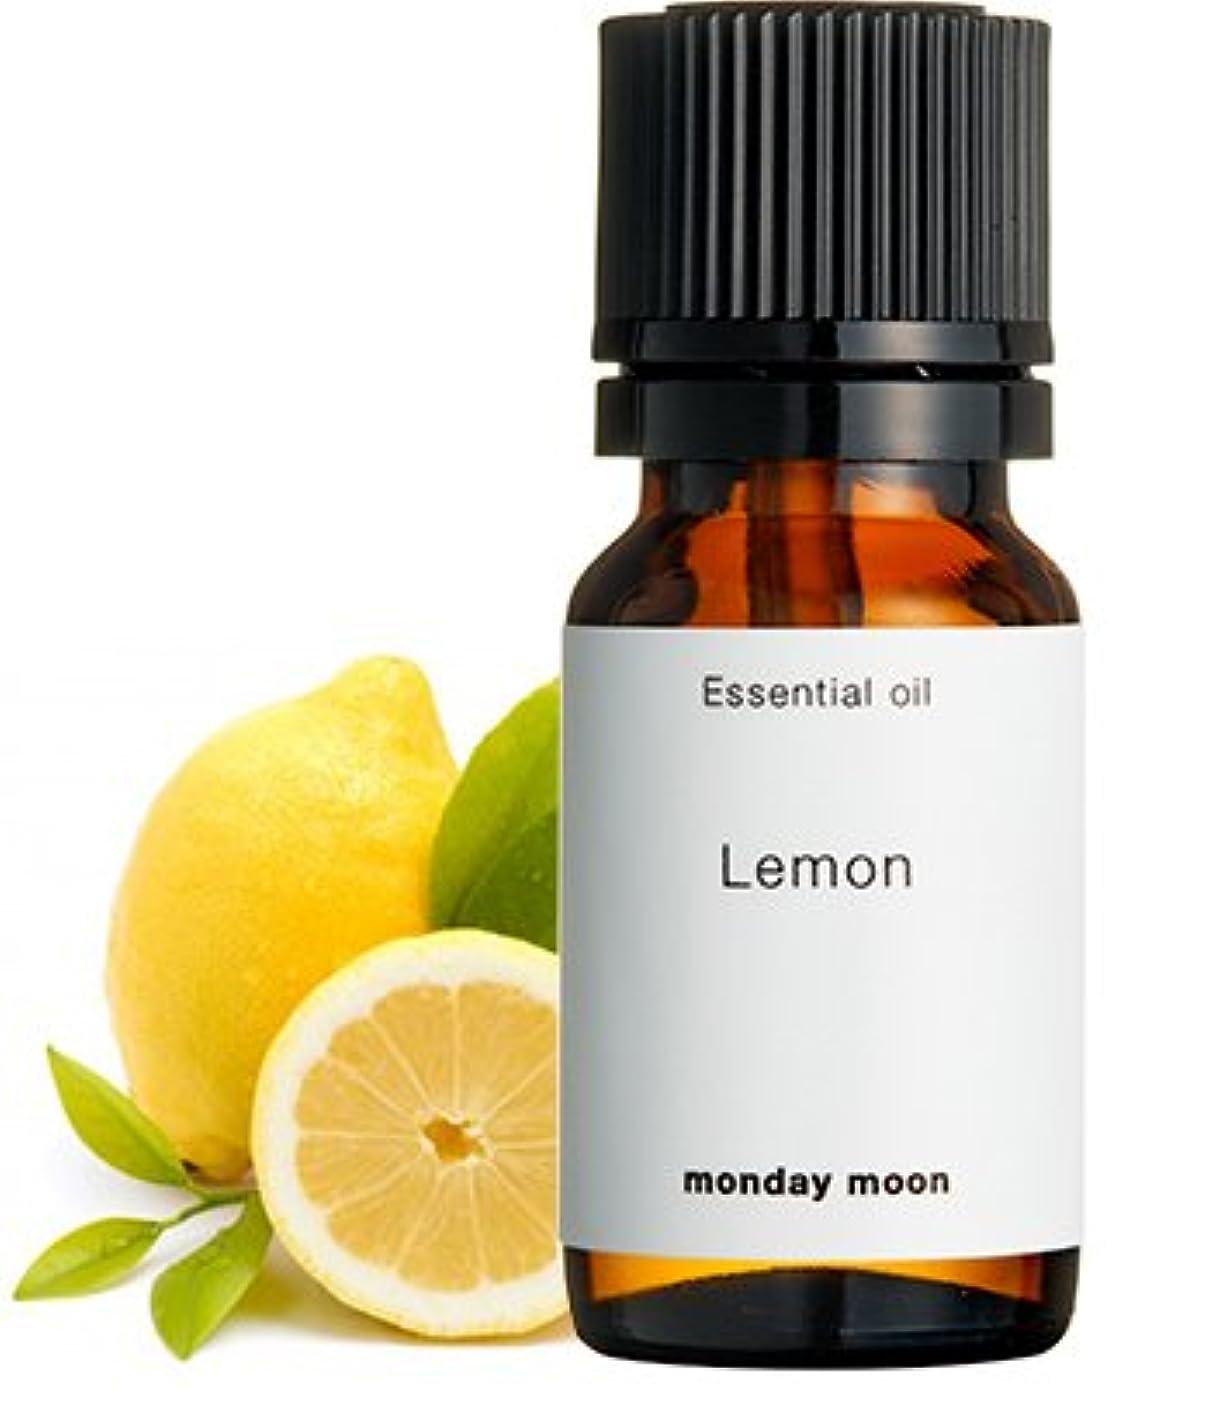 シェトランド諸島支配する見積りレモン精油/10ml